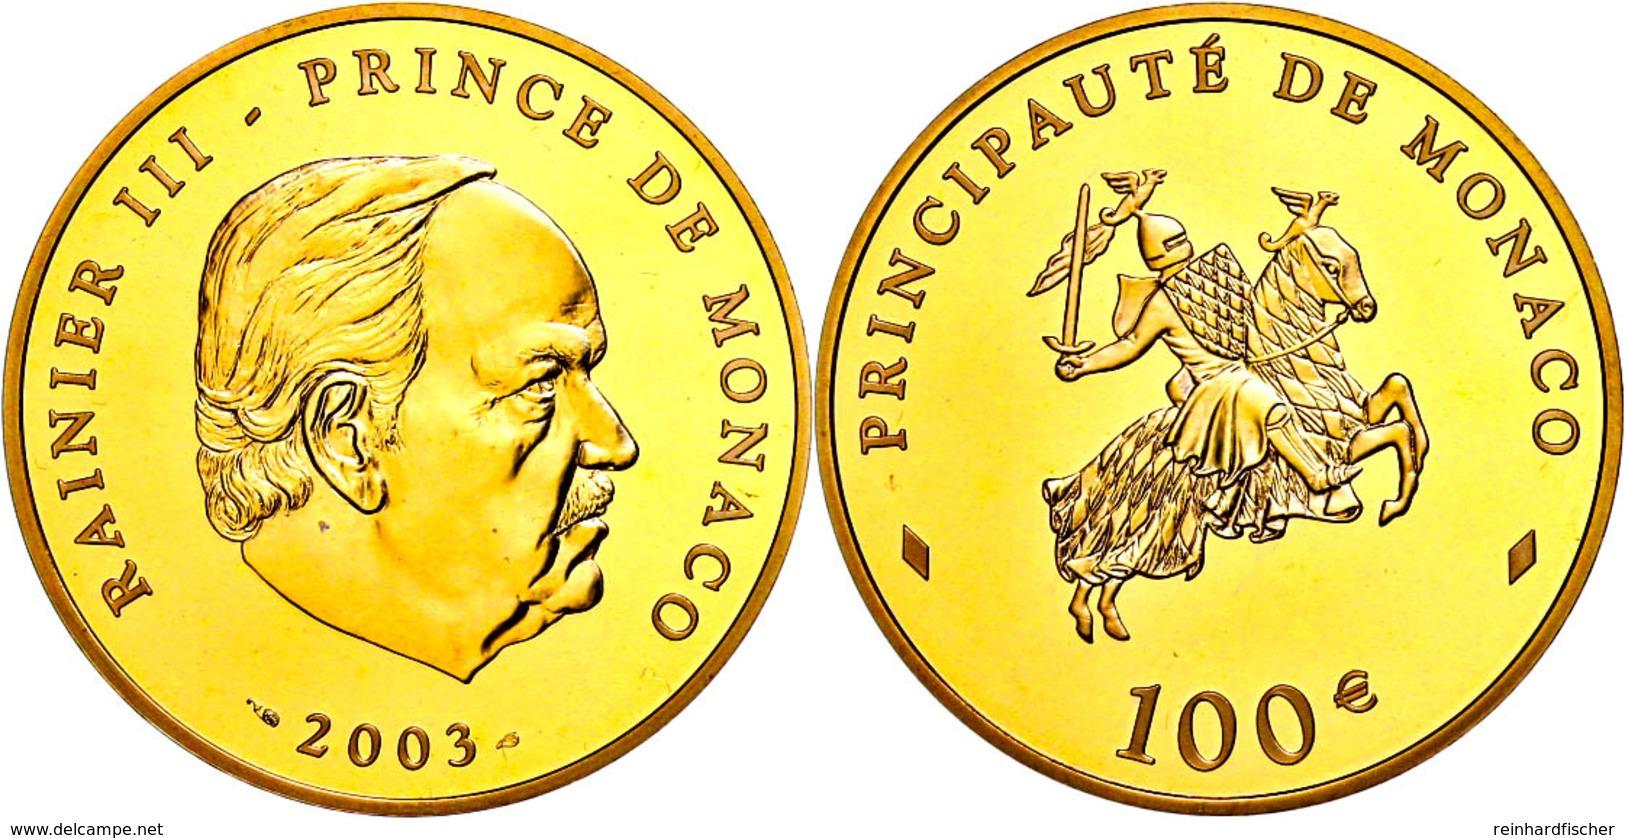 588 100 Euro, Gold, 2003, Rainier III., Fb. 37, Mit Zertifikat In Auschatulle, PP. Auflage Nur 1000 Stück!  PP - Monaco